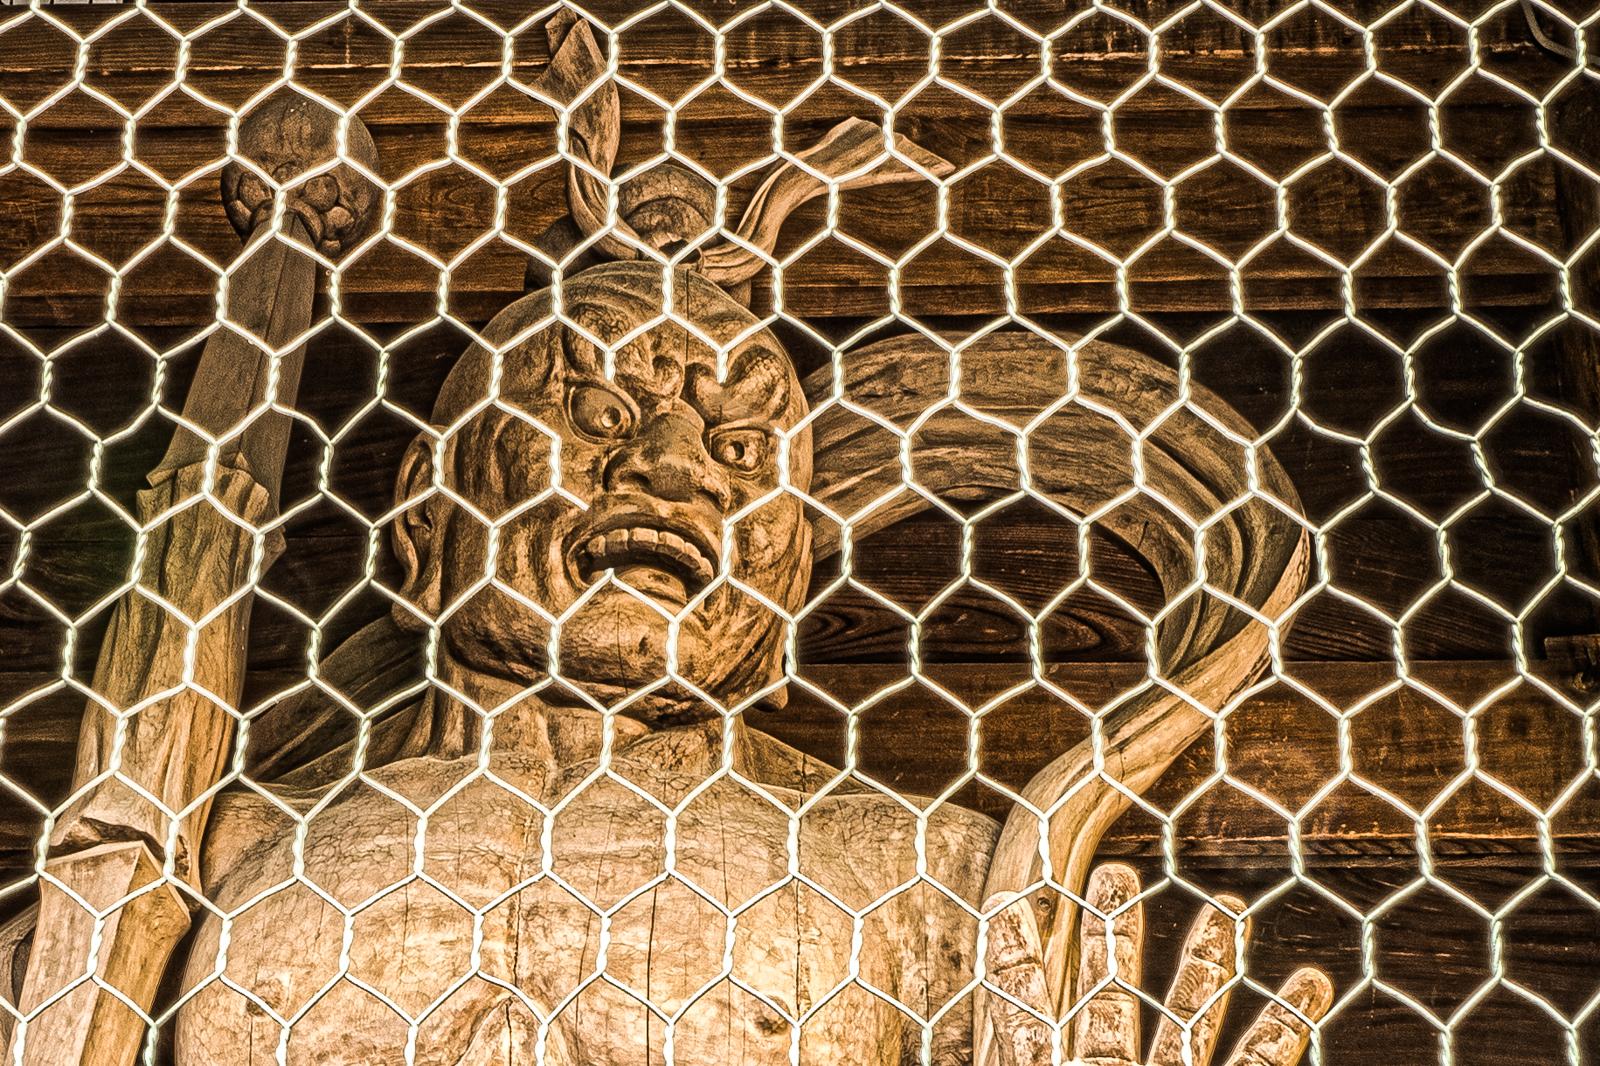 田無山、総持寺の仁金剛力士吽像の写真